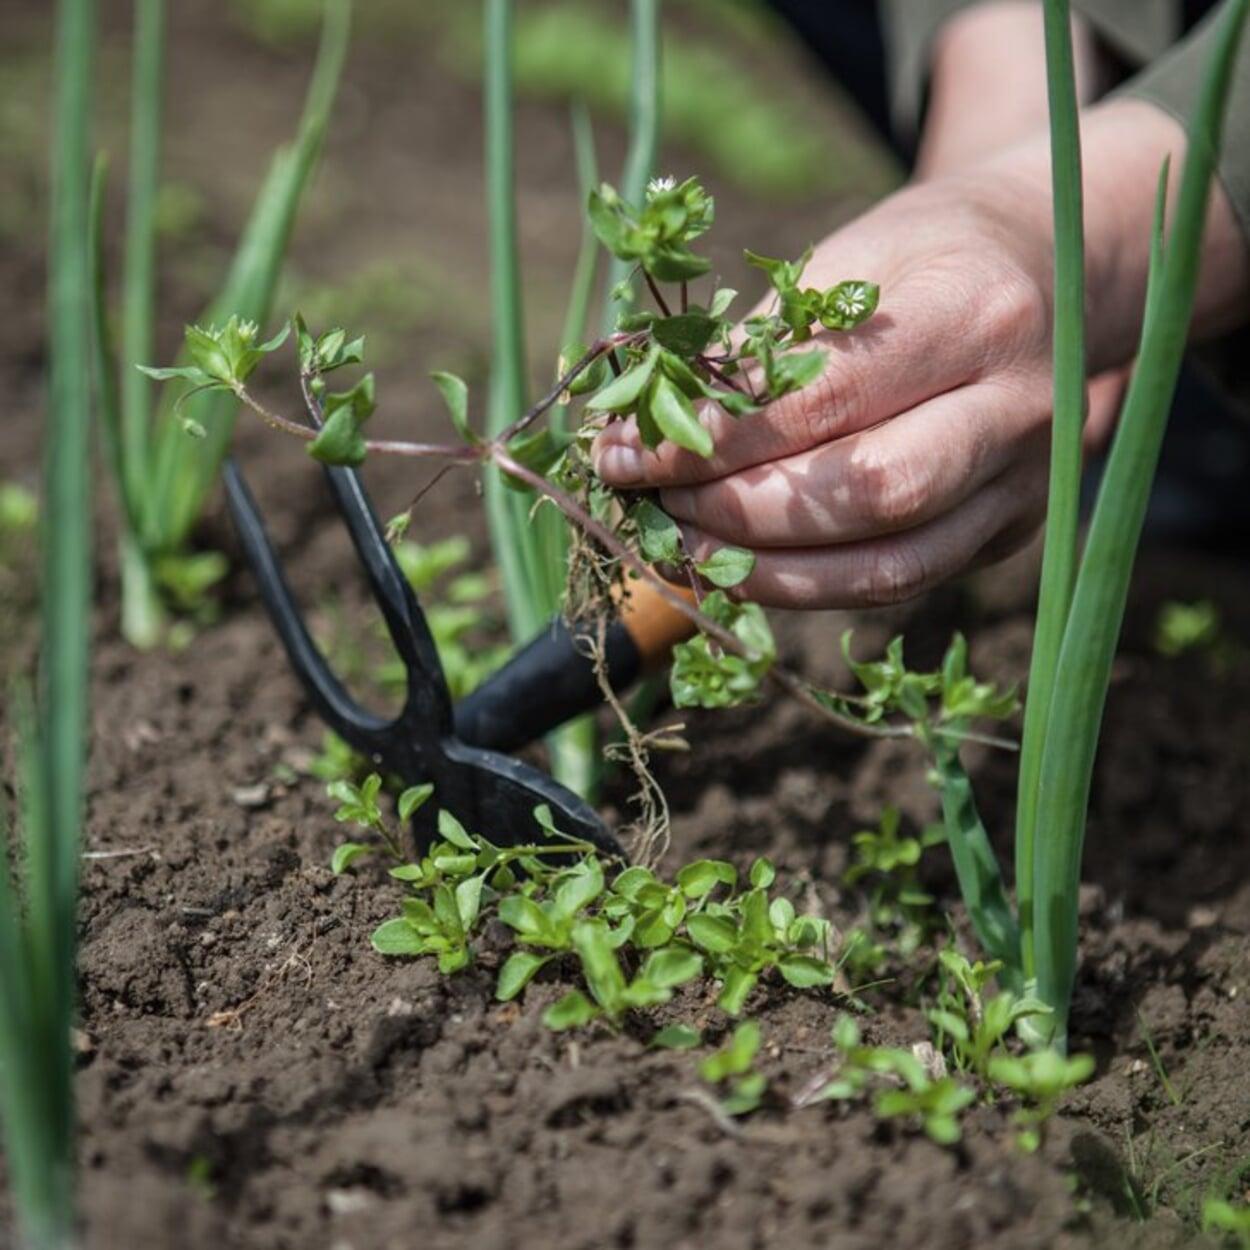 Vogelmiere wurzelt nur flach; sie kann einfach aus dem Boden gezogen